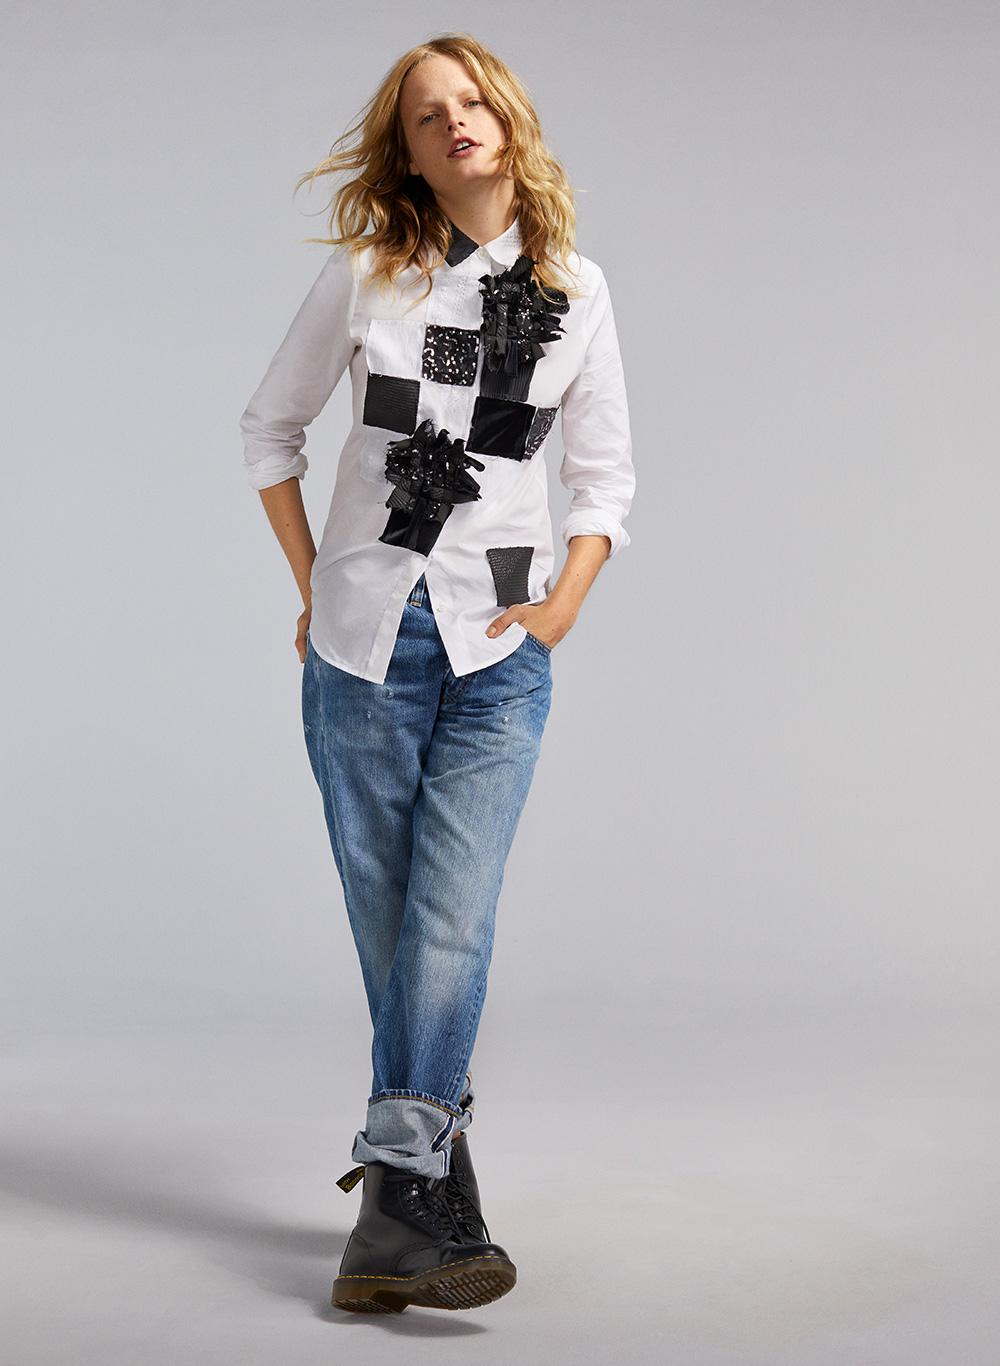 super popular 886a4 c2d8c La collezione di Viktor&Rolf fatta con abiti invenduti ...